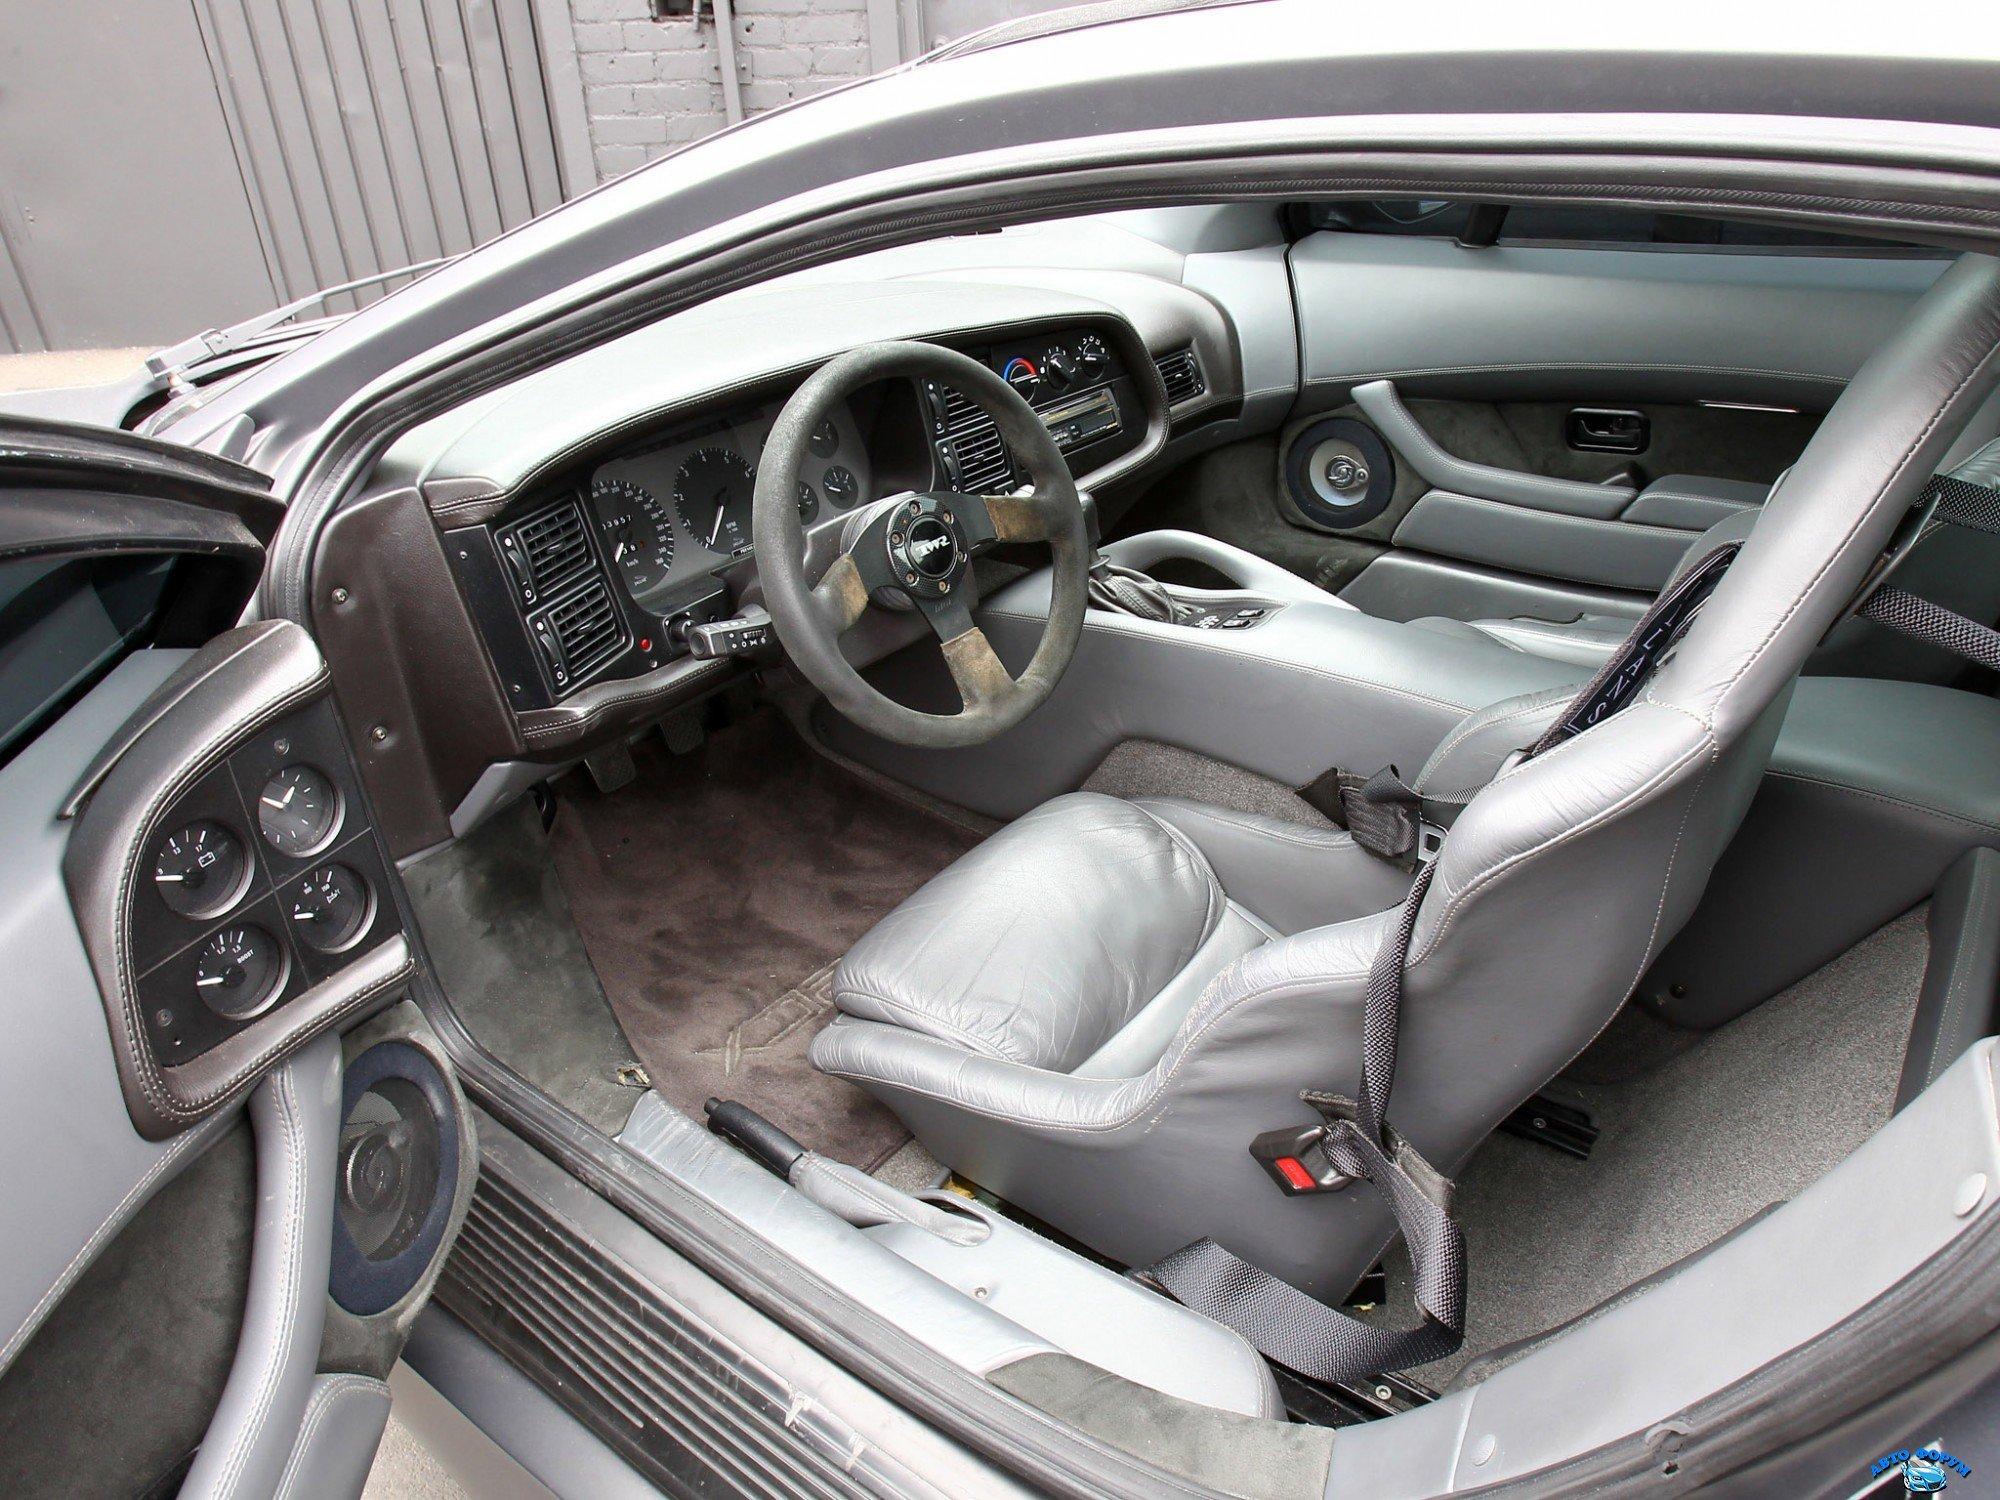 1993-jaguar-xj220s-coupe-15jpg.jpg